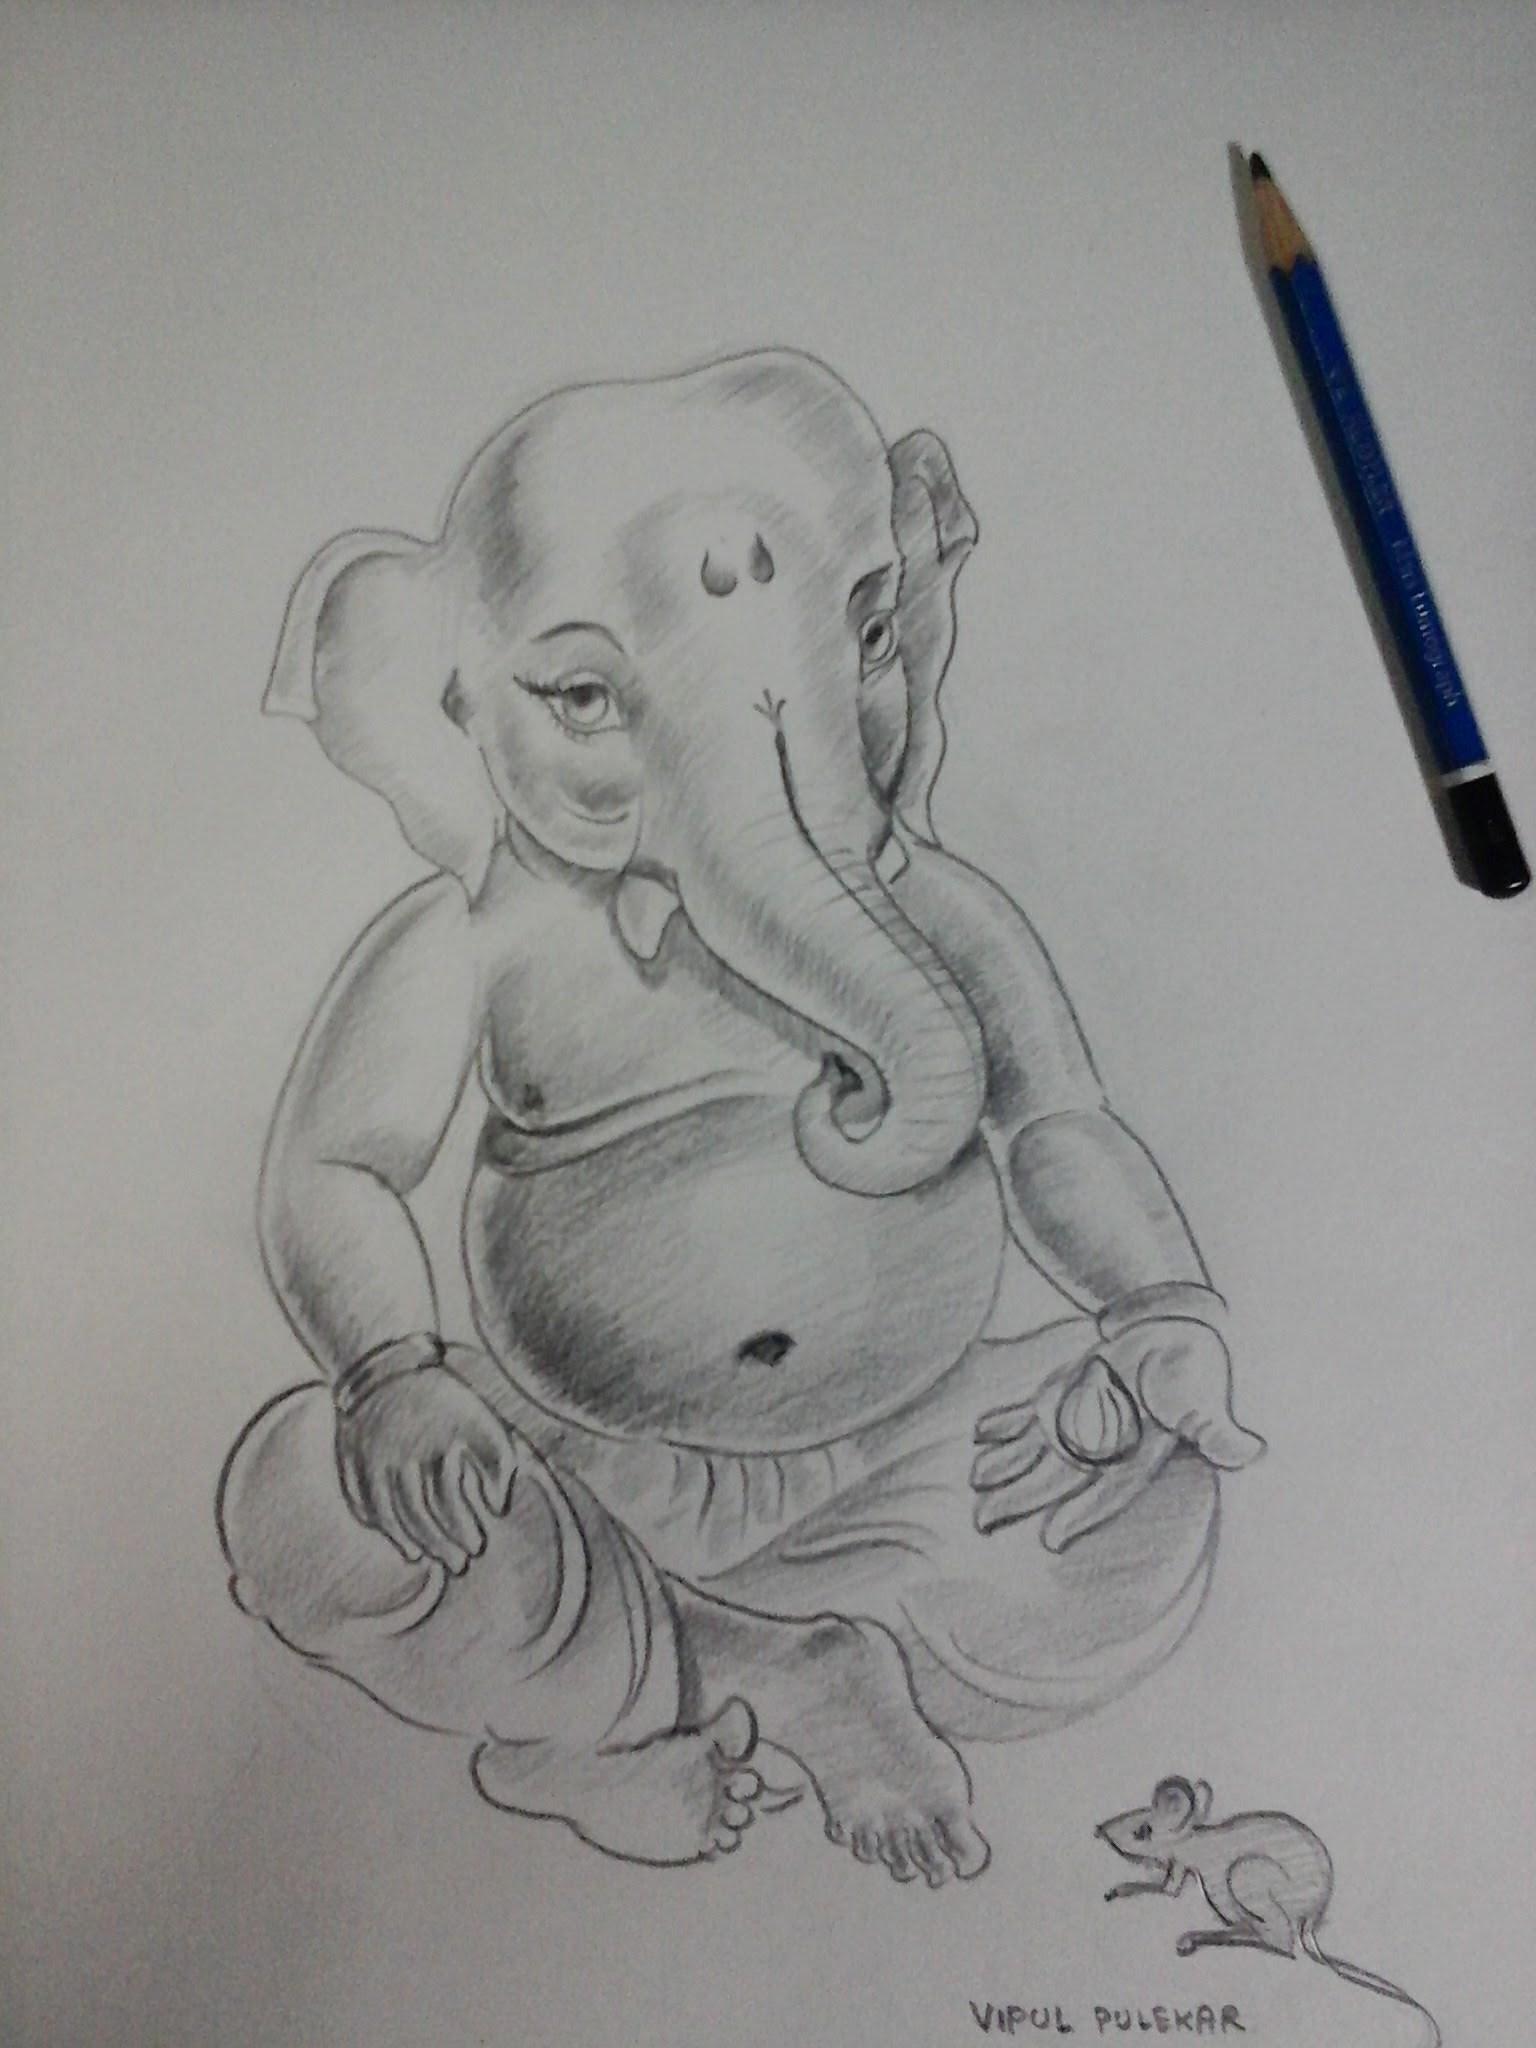 How to make ganesha bal ganesha sketch with pencil shading part 4